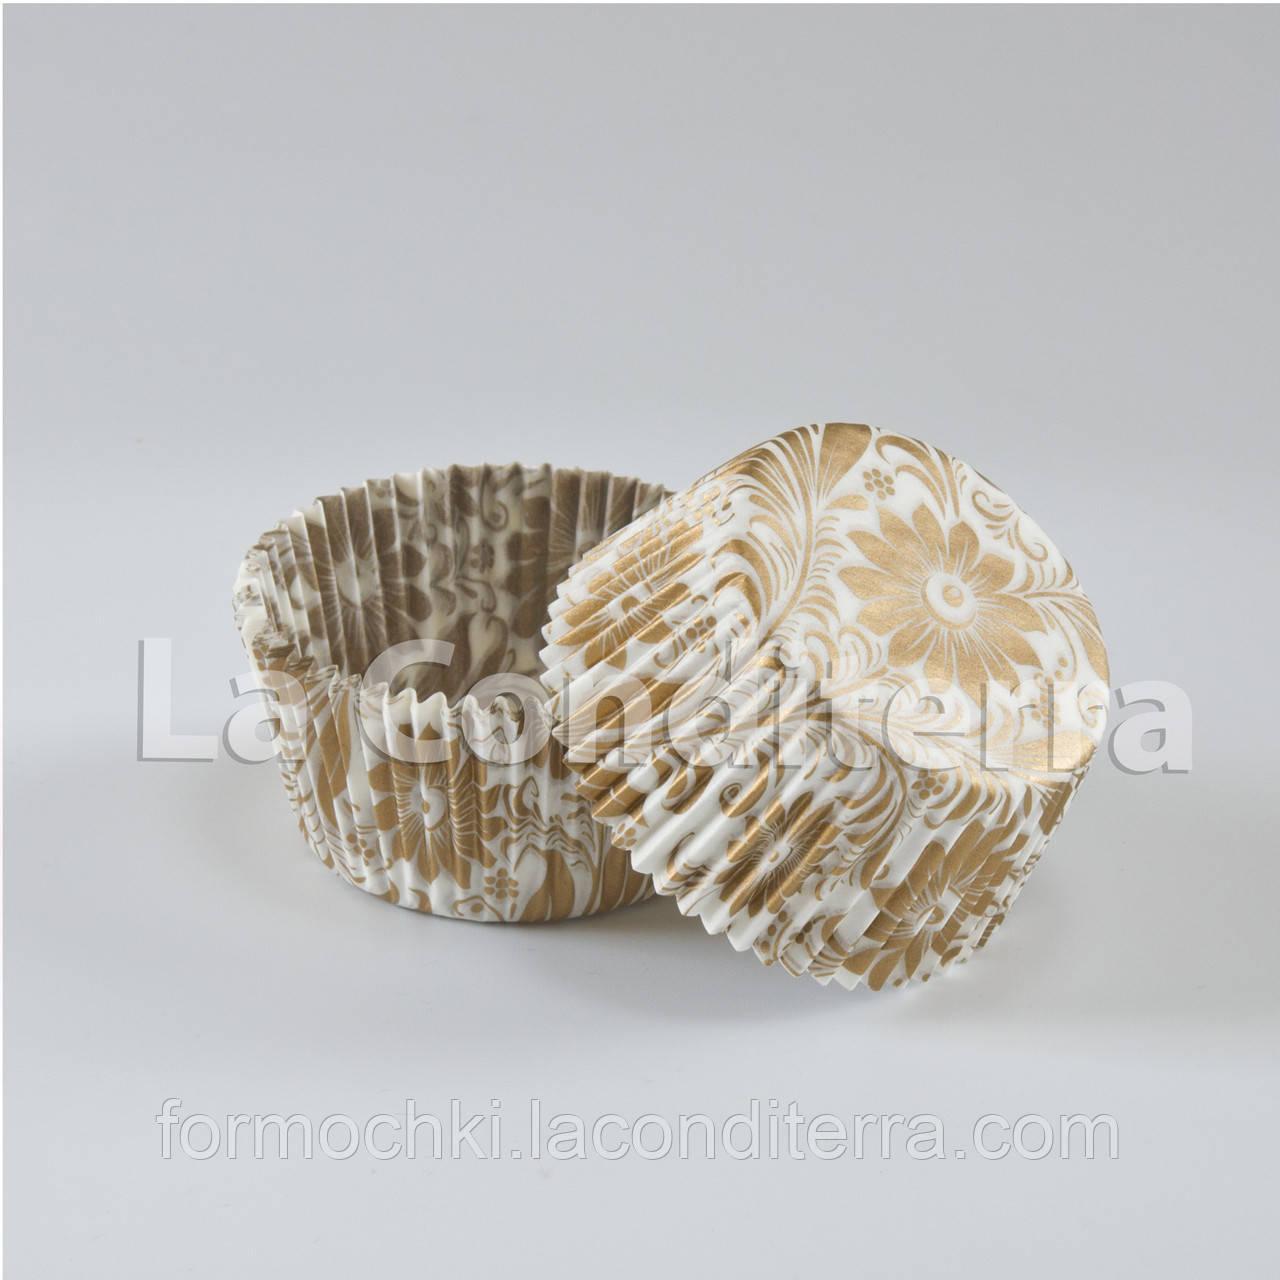 Формы для кексов «Весна-Золото» (Ø50 мм), мин. партия от 2000 шт.